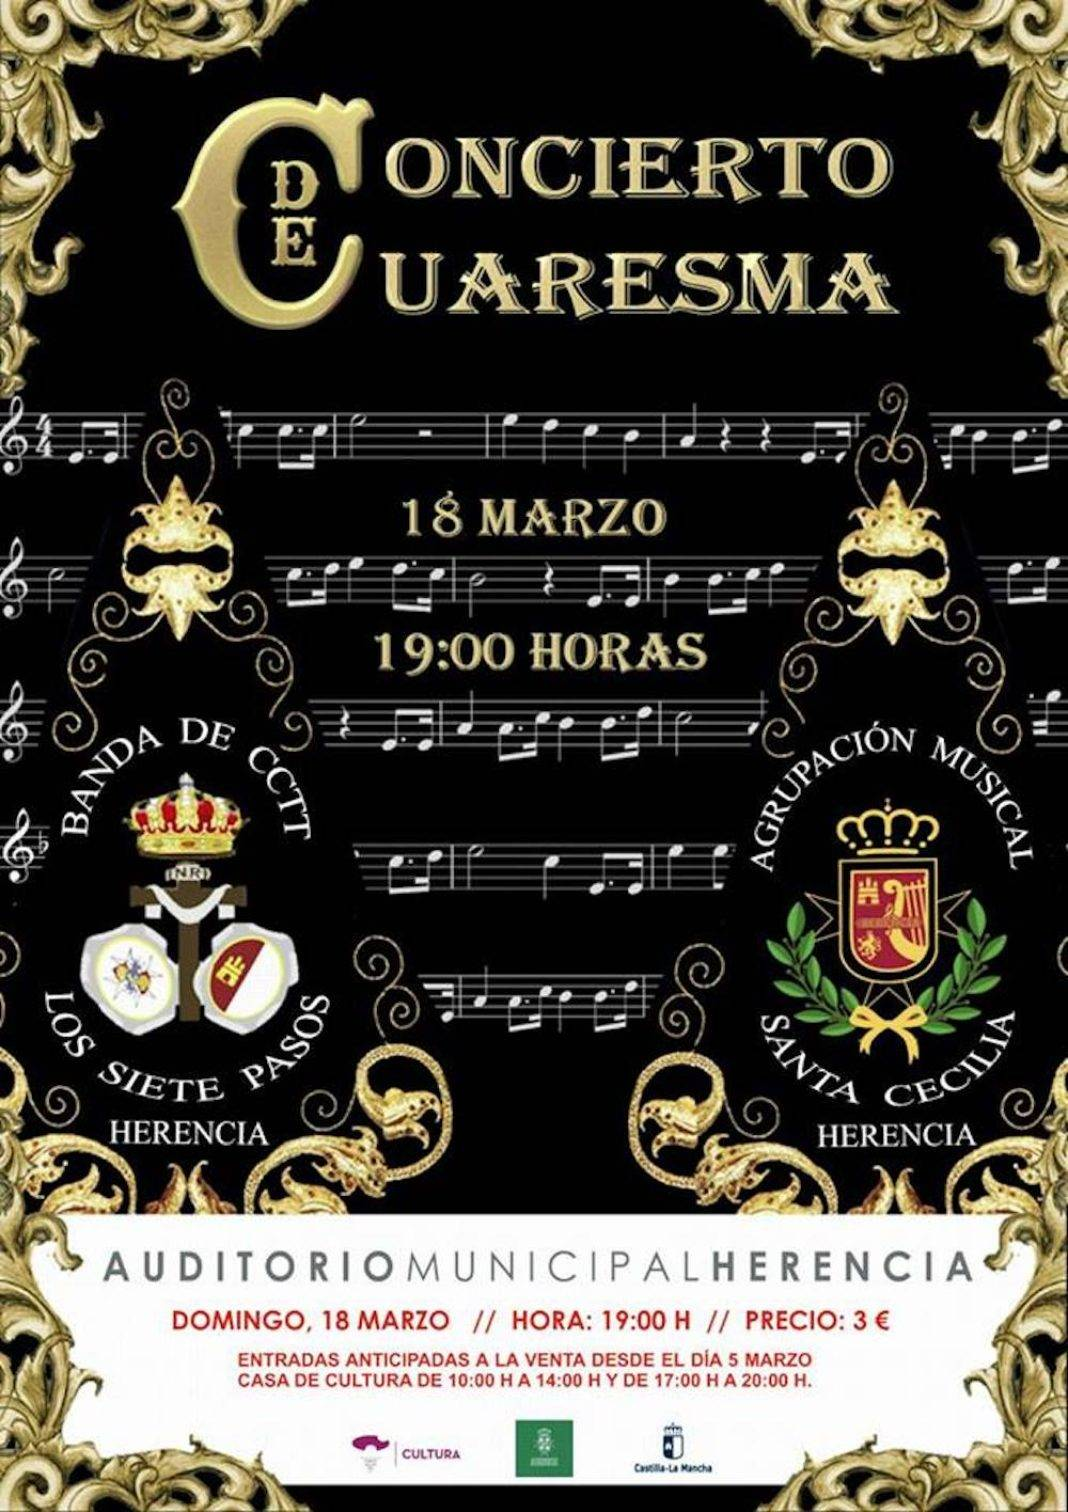 Concierto de Cuaresma el próximo domingo 18 de marzo 4